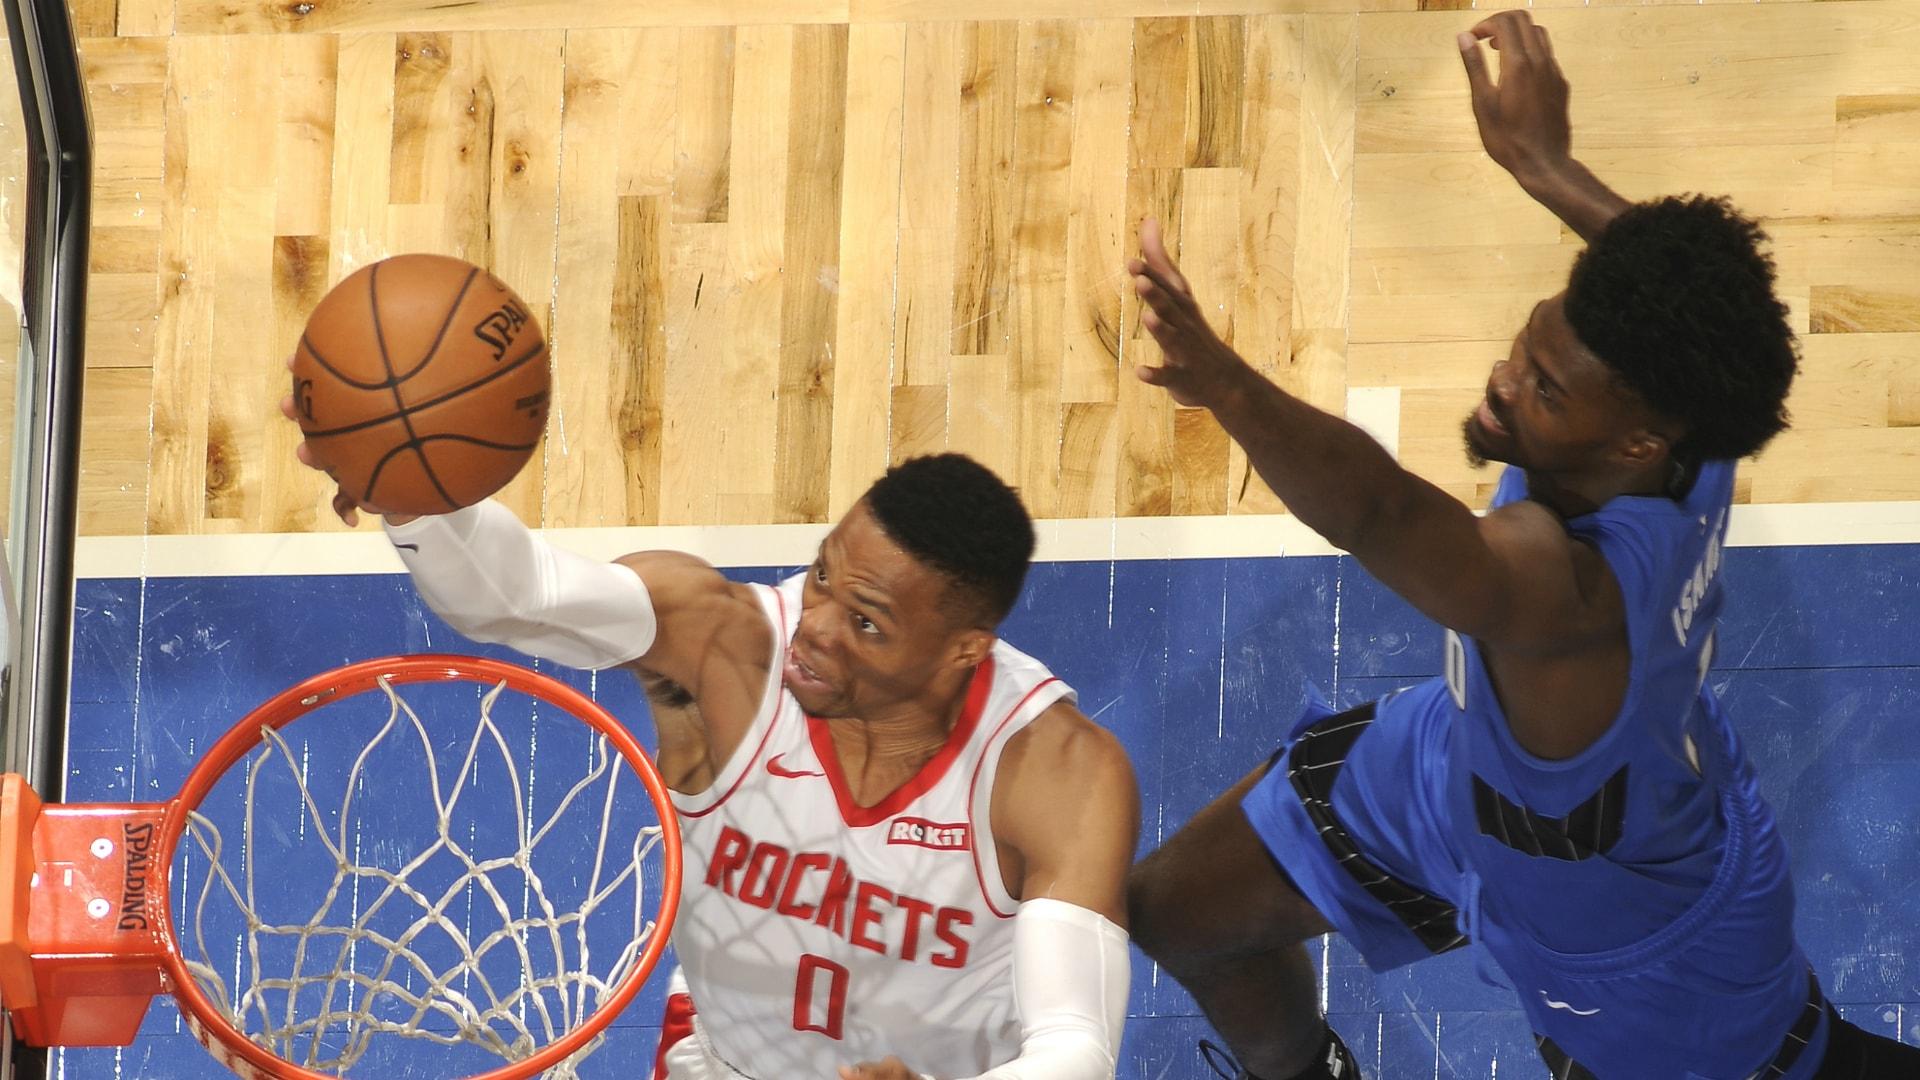 Rockets @ Magic